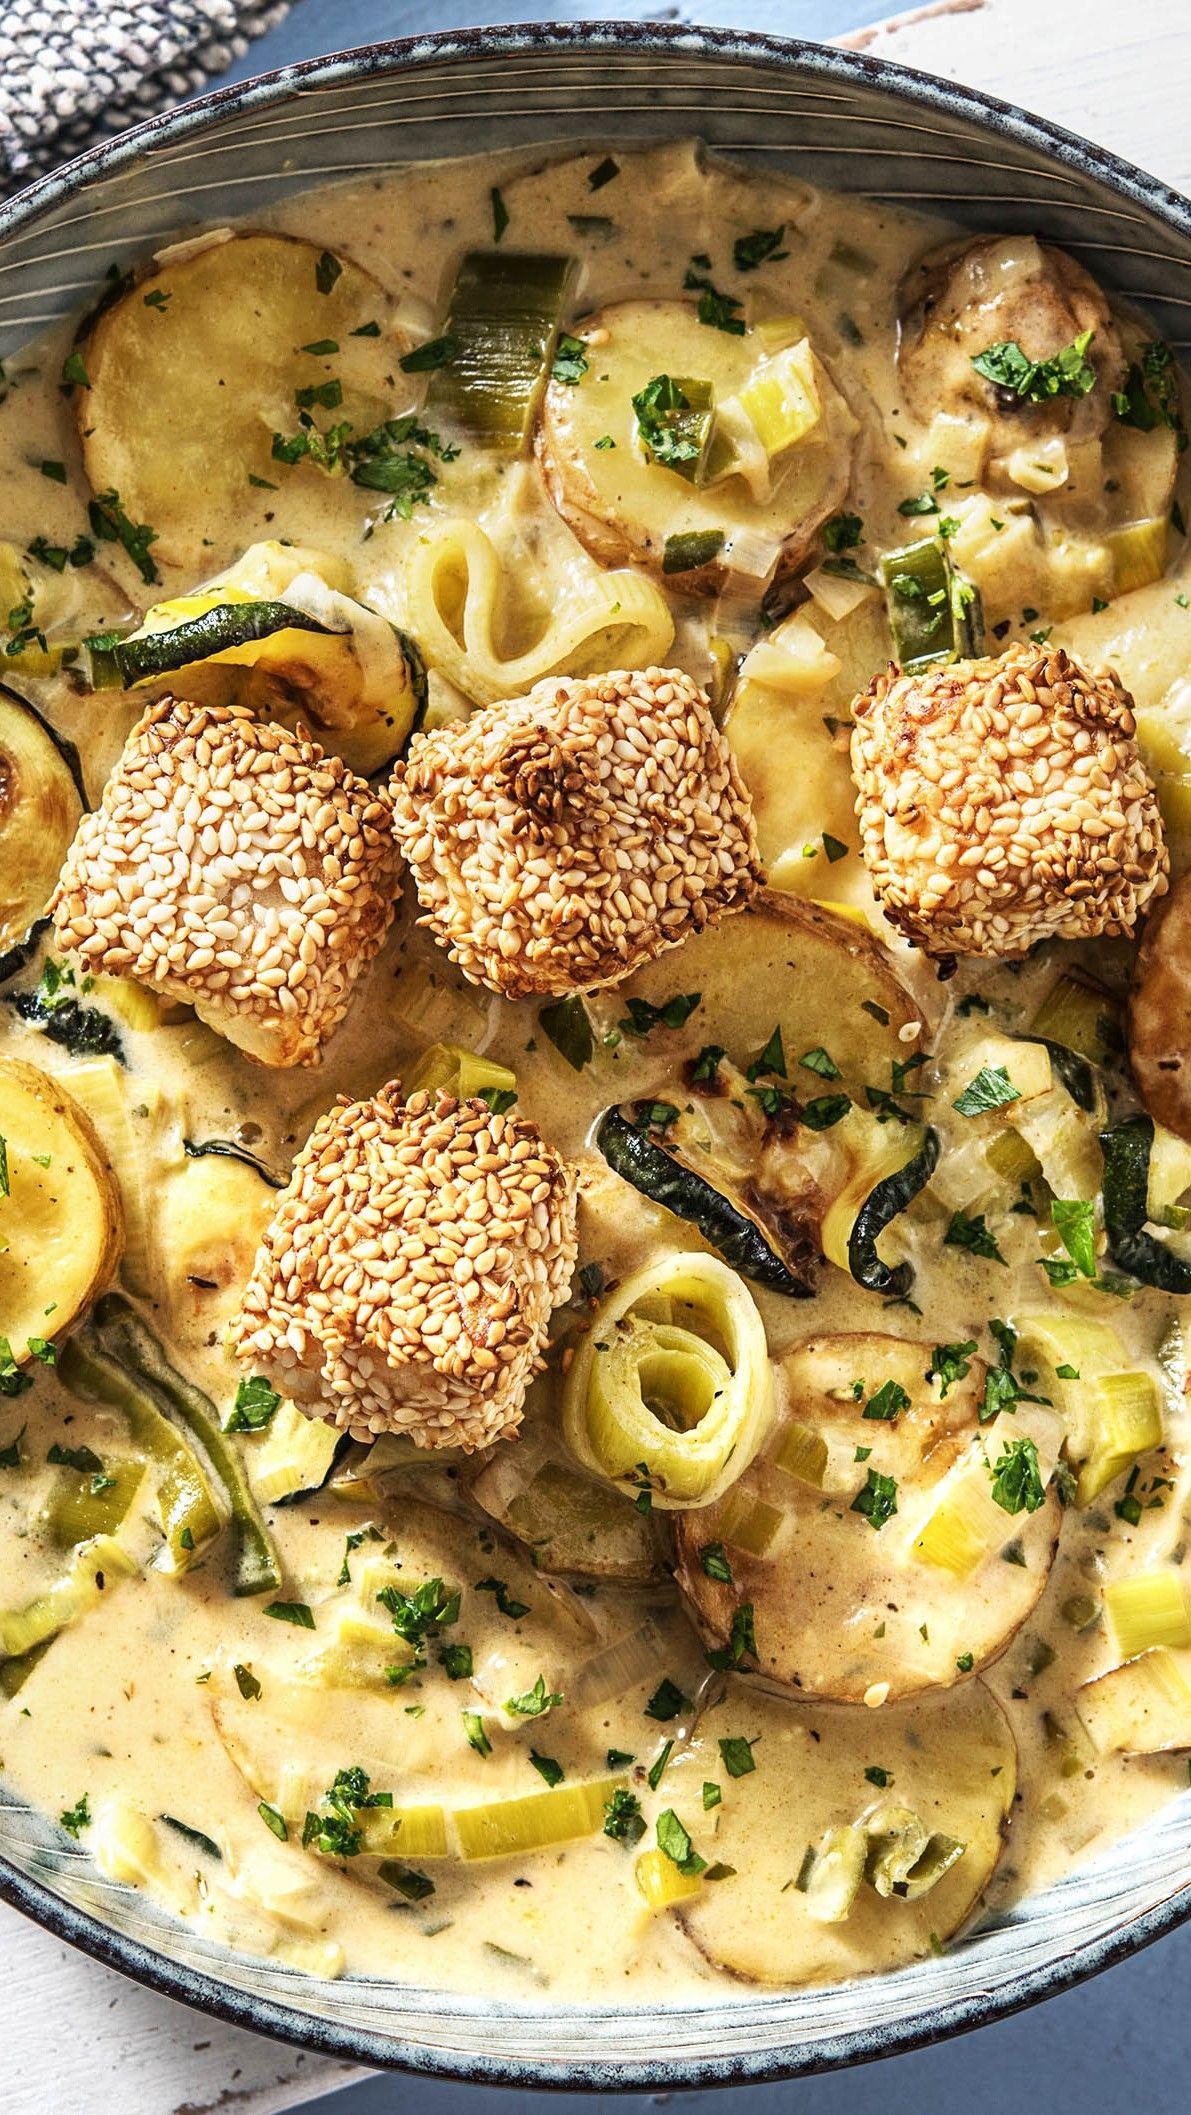 Cremiger Zucchini-Kartoffel-Eintopf mit Porree, Crème fraîche und Sesam-Hirtenkäse #winter